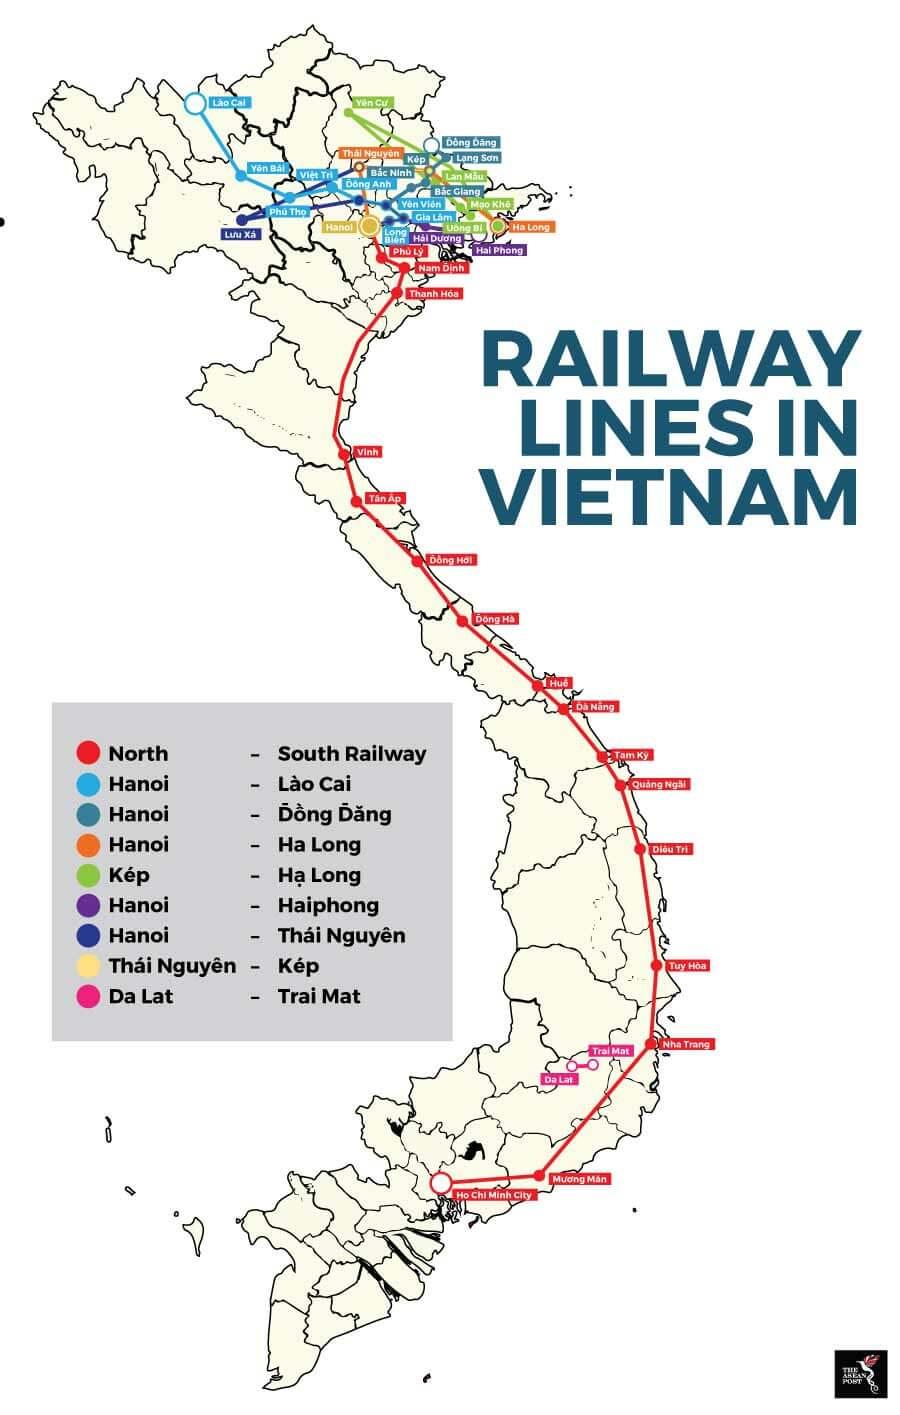 Railway lines in Vietnam